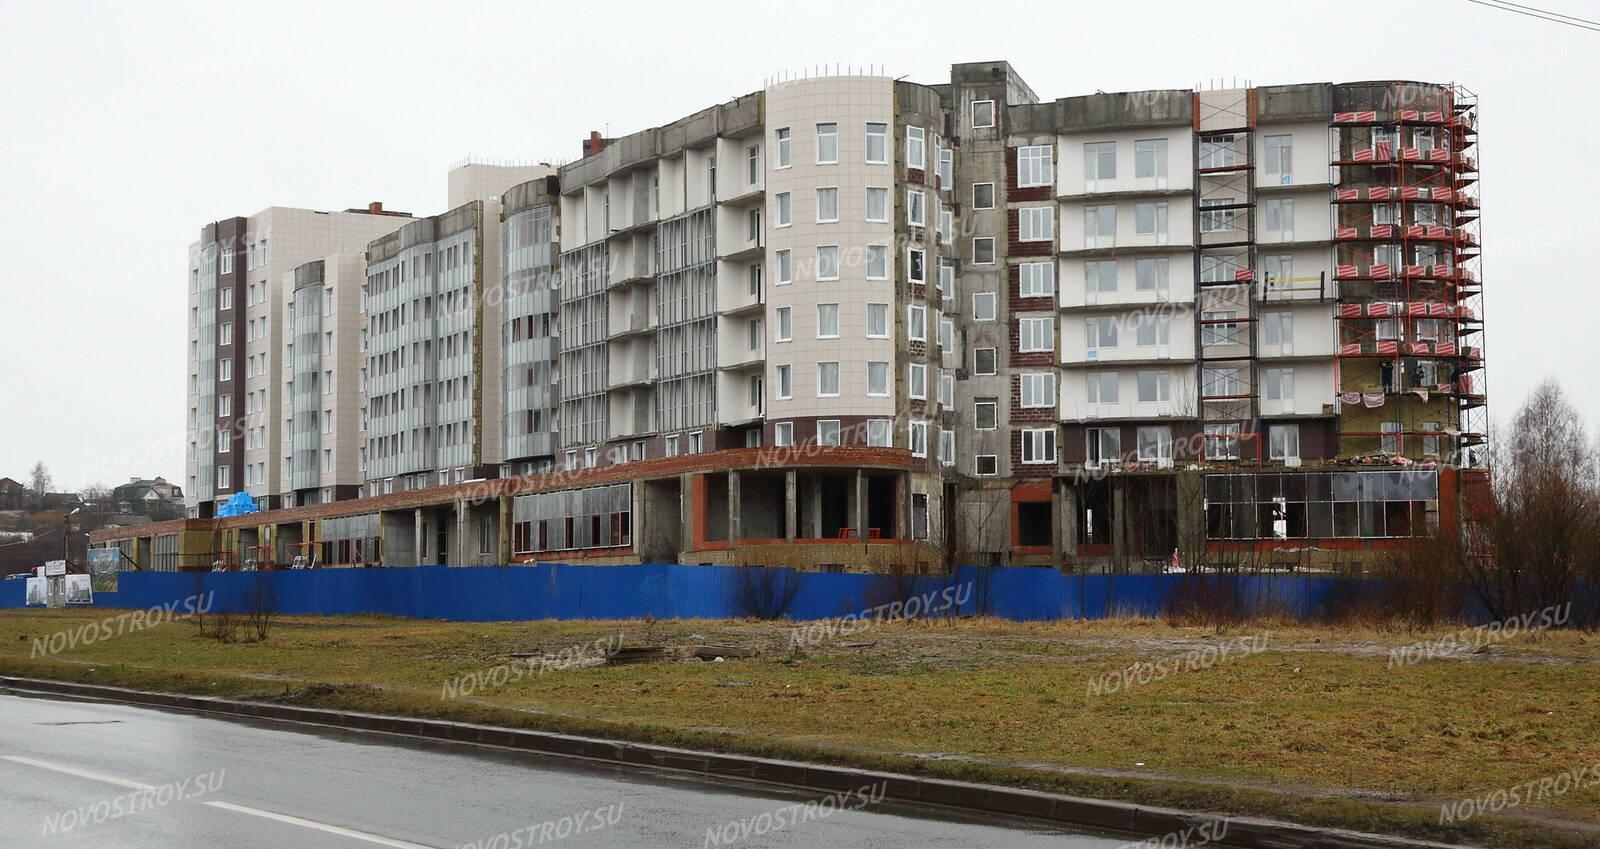 дач Ленинградской форум жк университетский петергоф мужчину-Скорпиона, женщина-Телец непременно